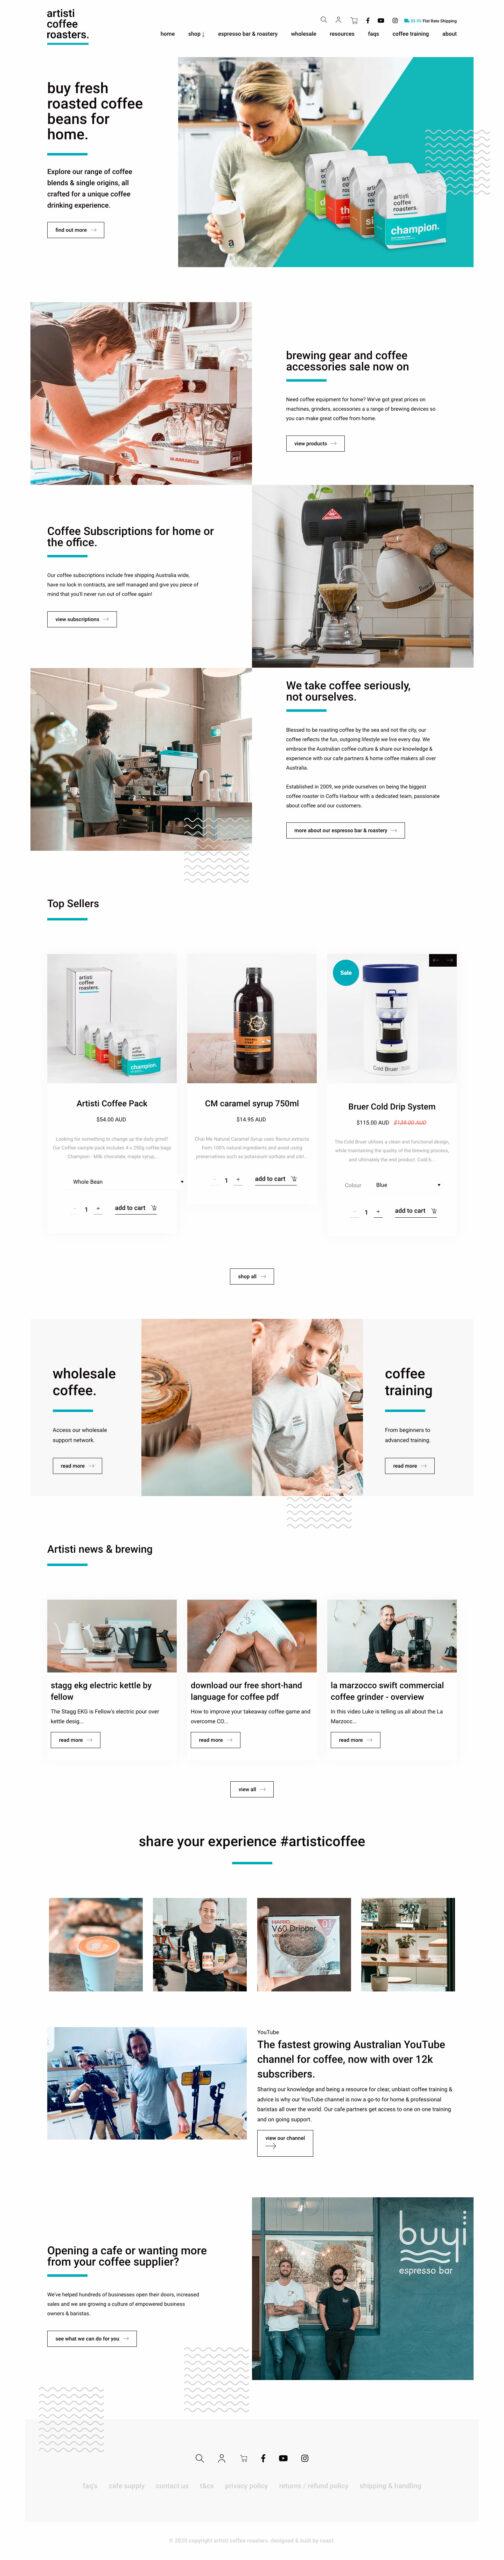 Website Design & Development for Artisti